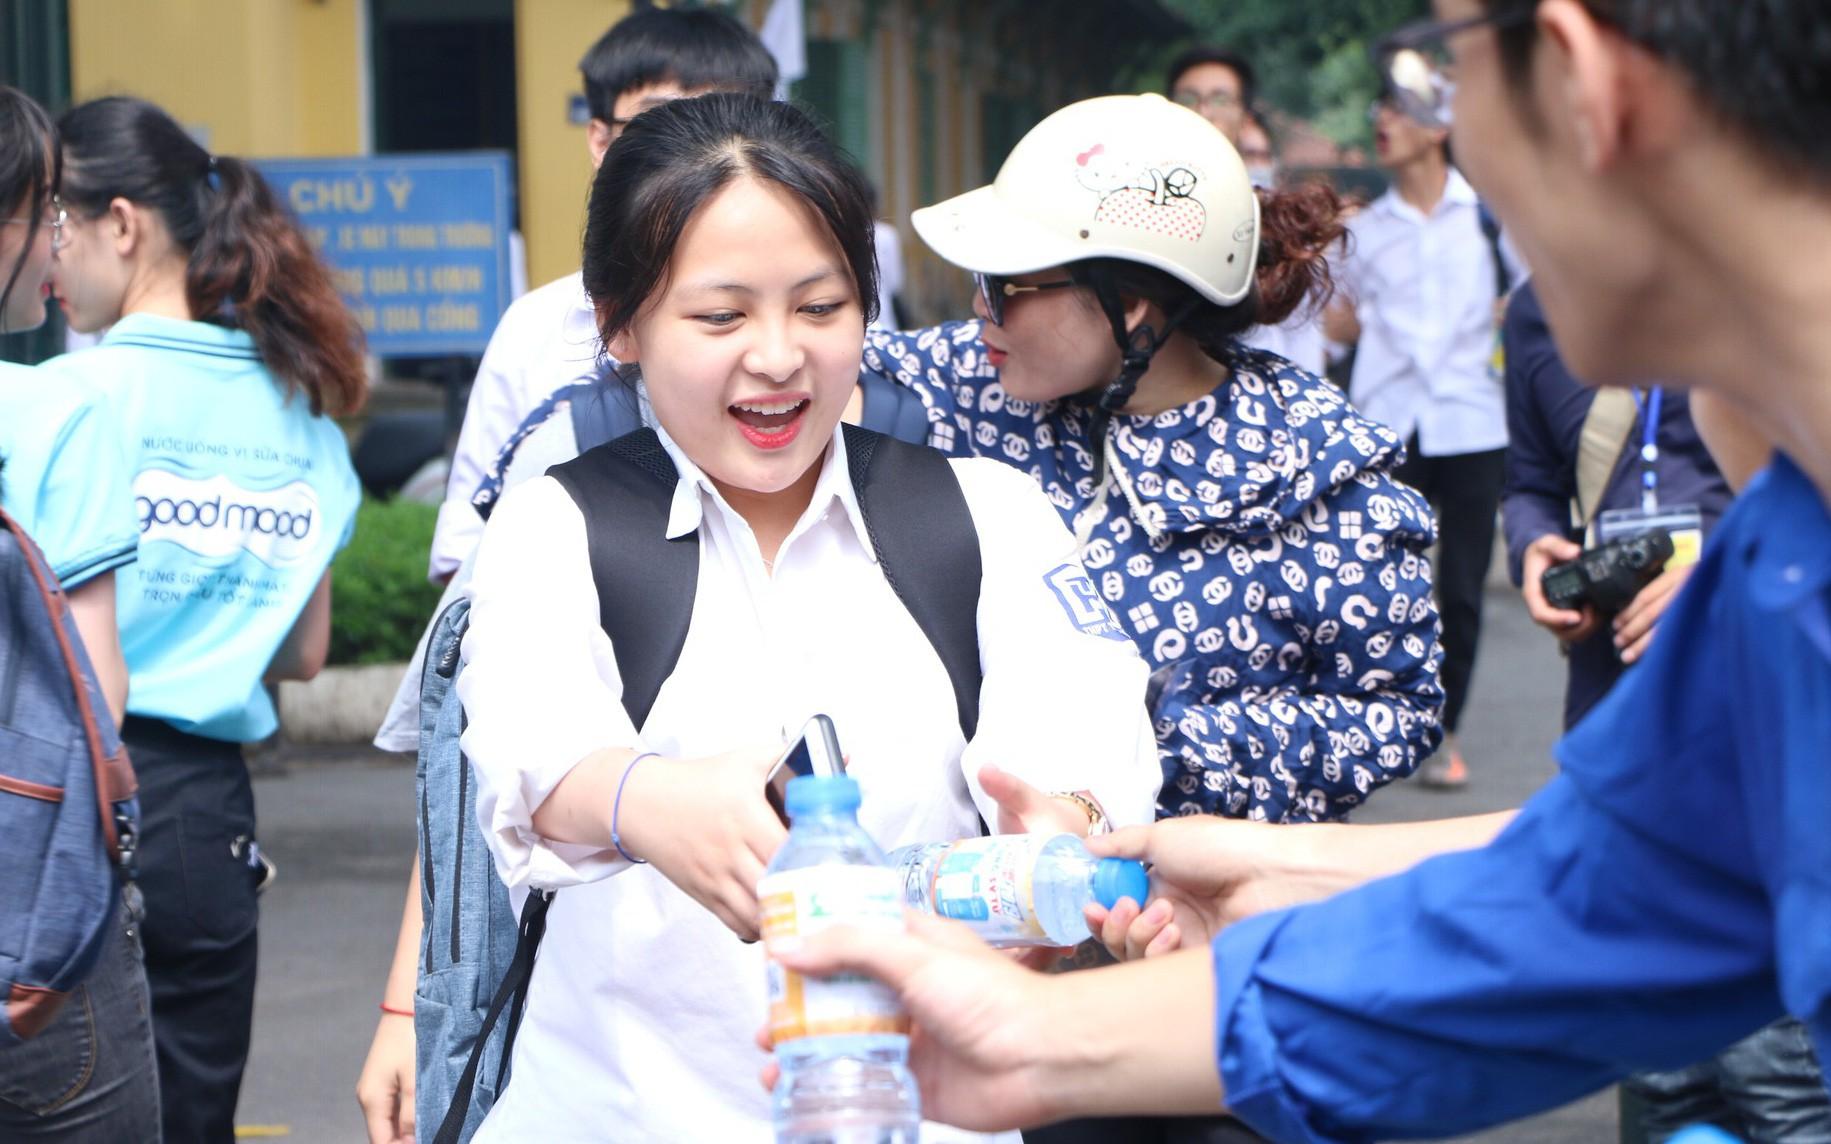 Hà Nội: Thanh niên tình nguyện phát nước miễn phí, tiếp sức cho thí sinh thi THPT quốc gia